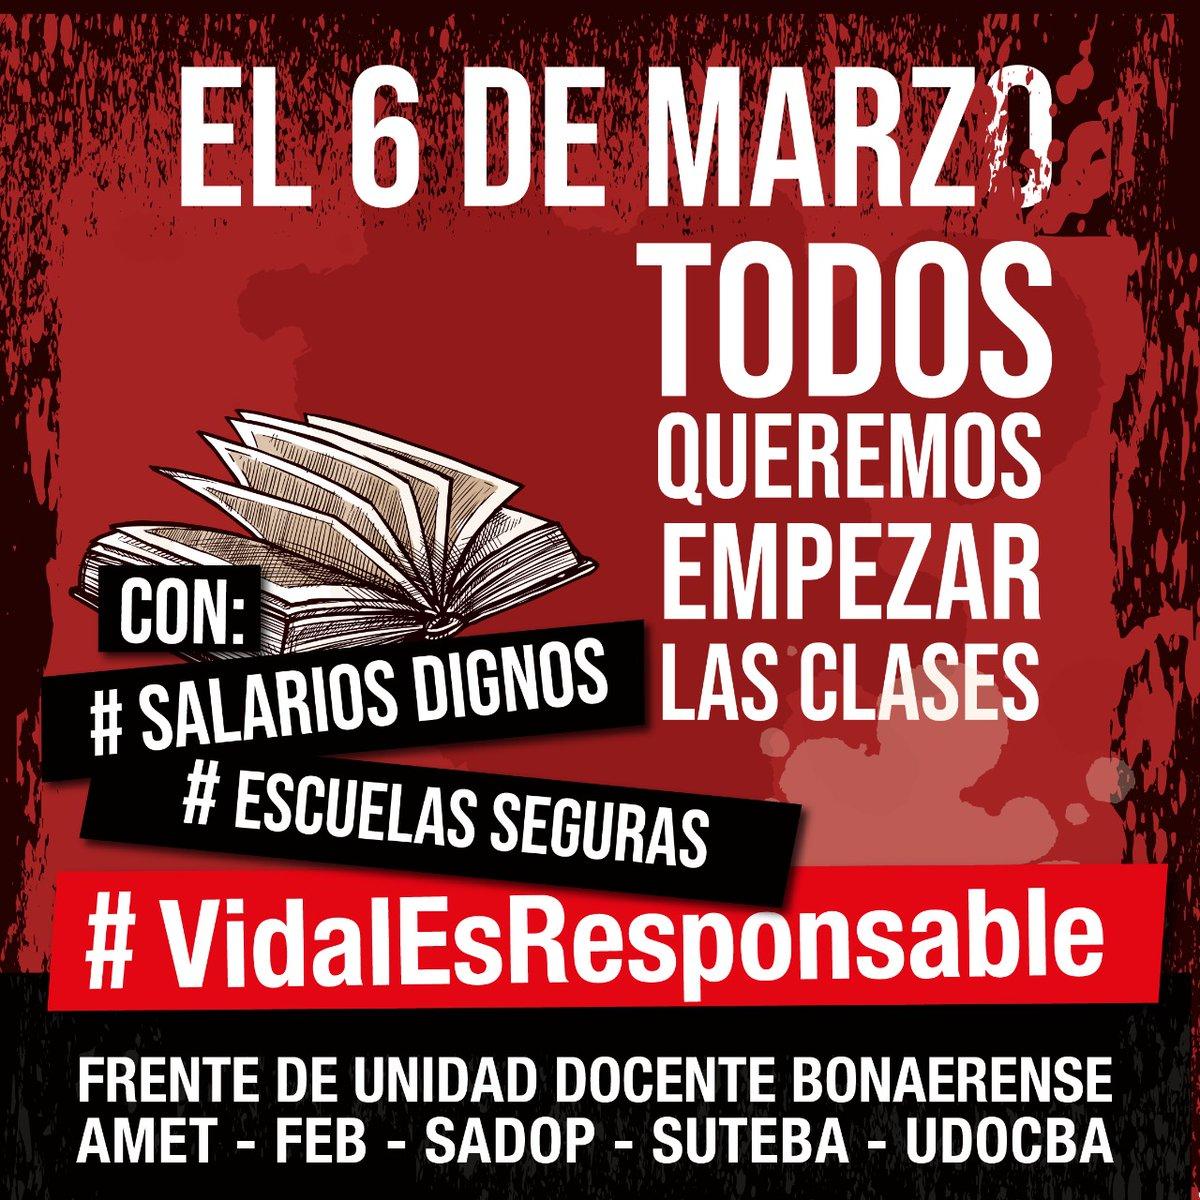 El Profe Matías #NoAlCierreDeC5N's photo on #SalariosDignos